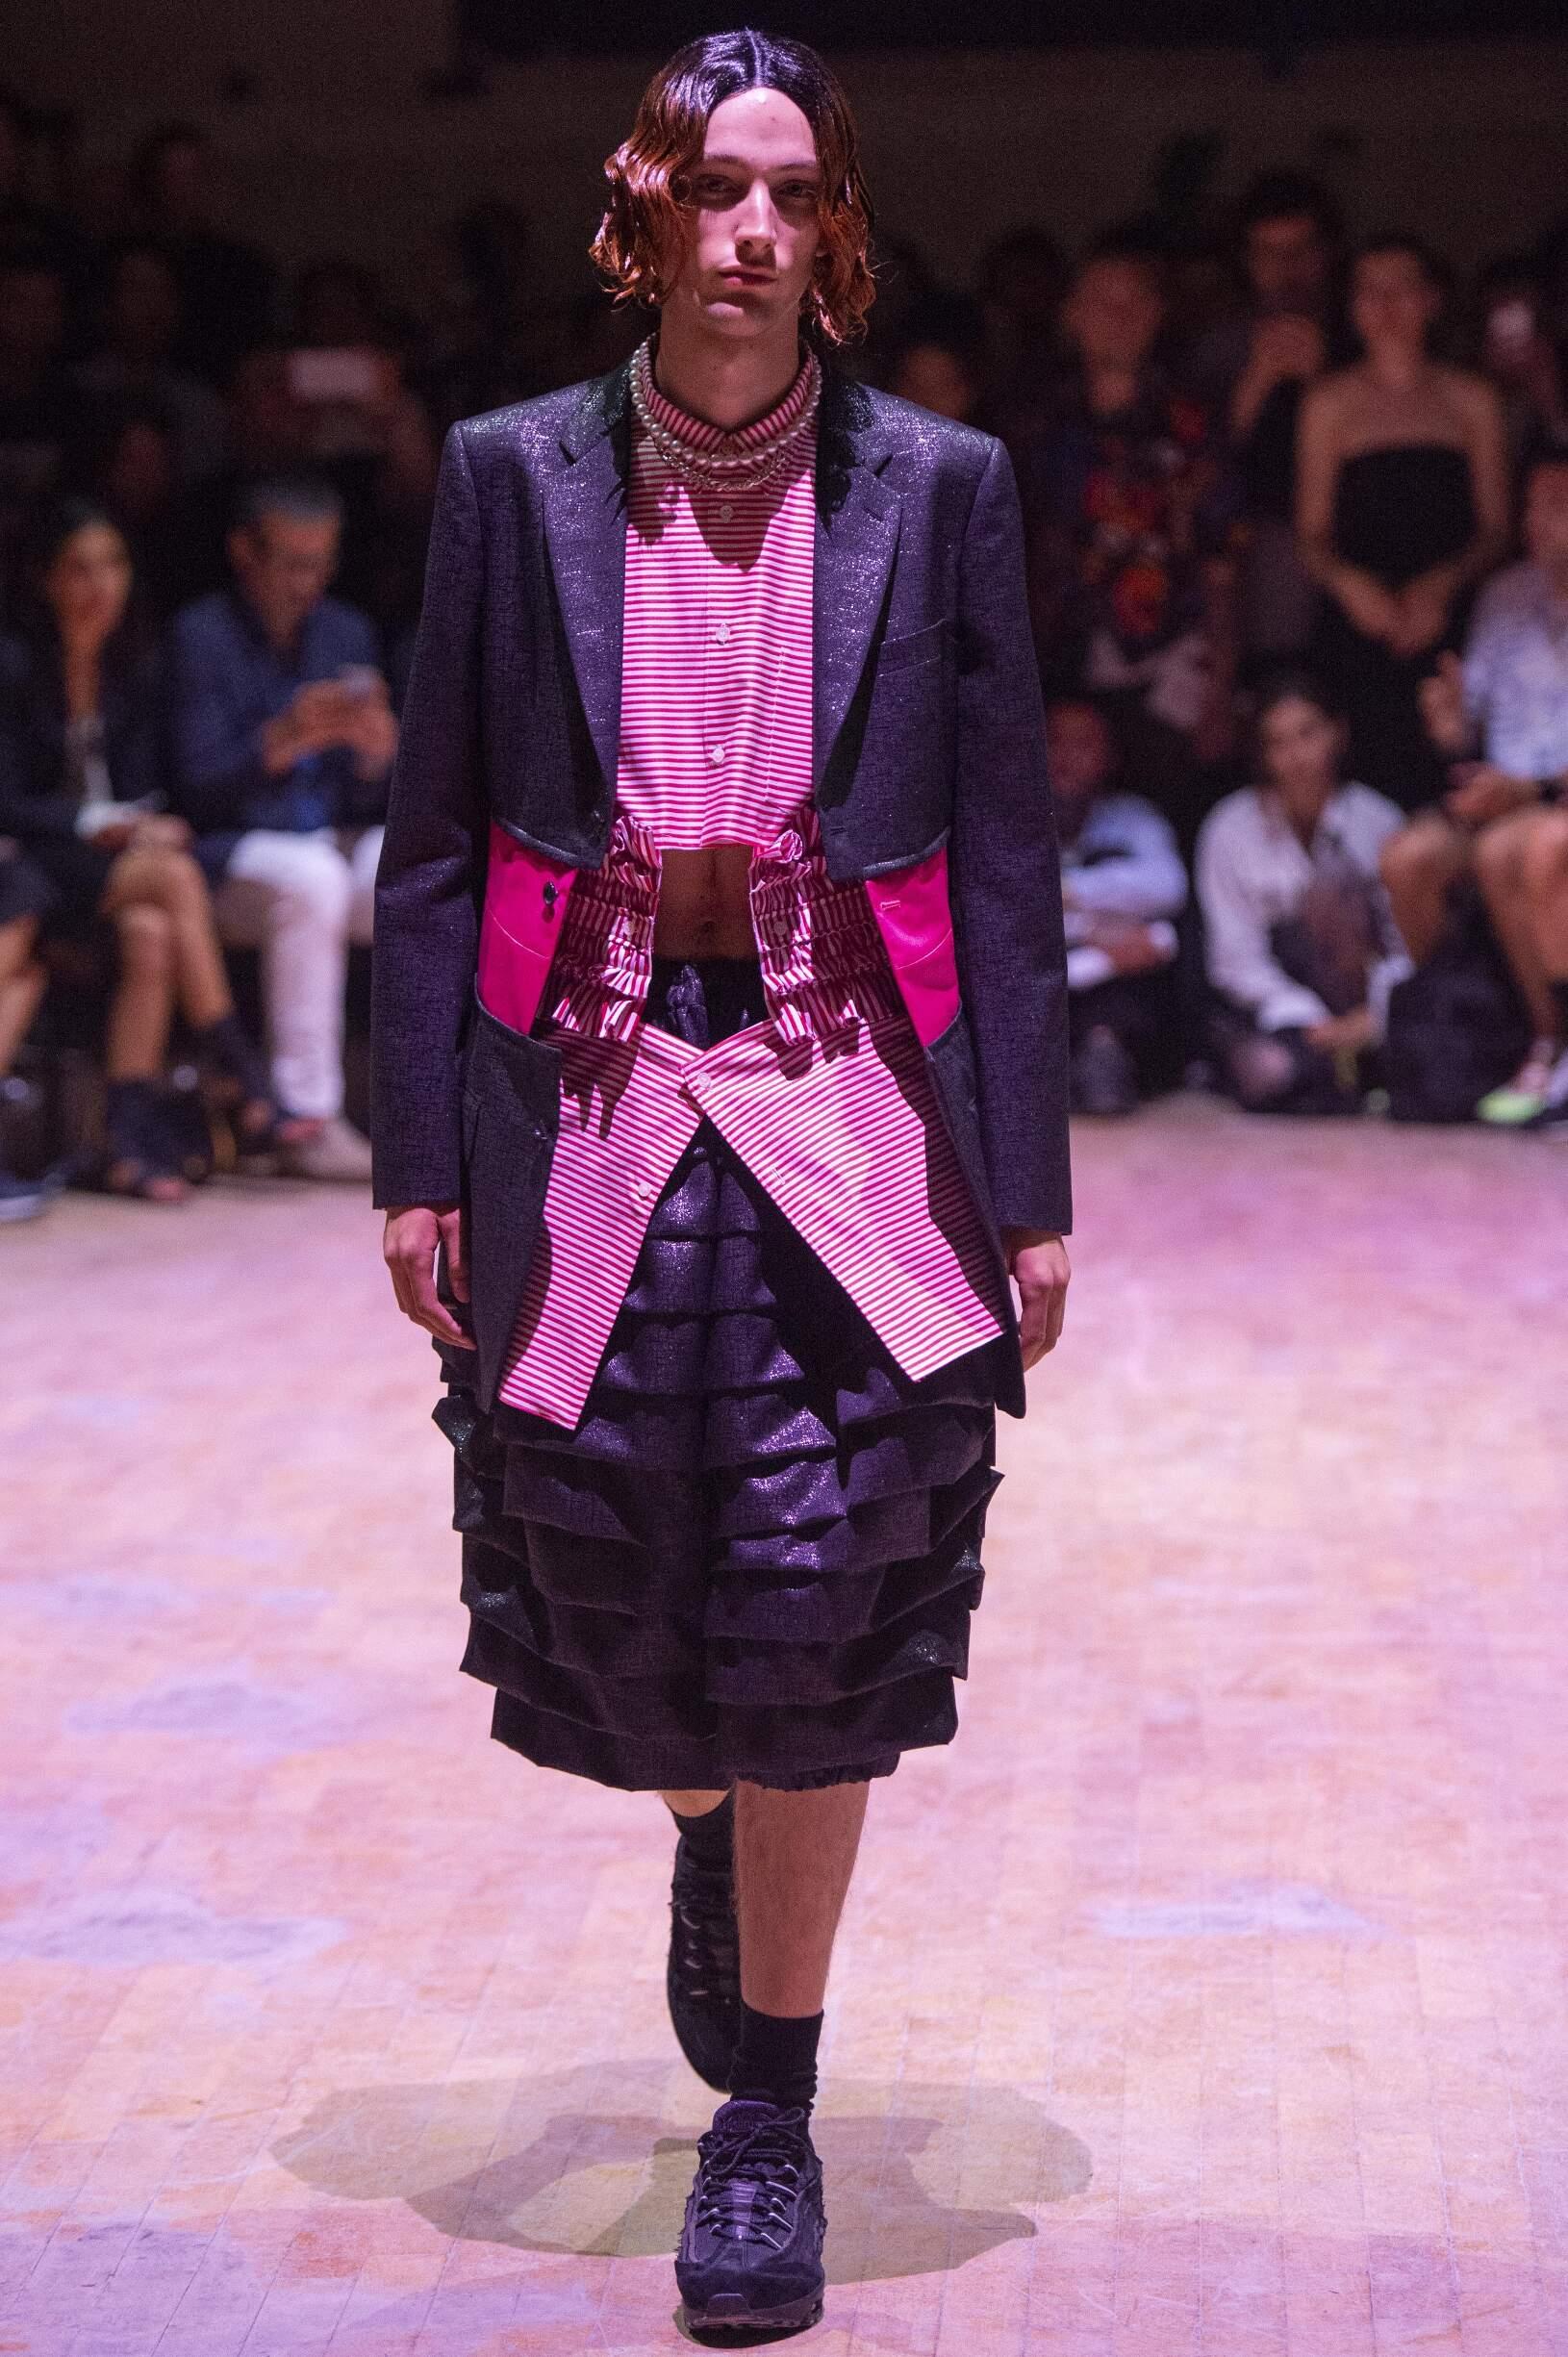 Fashion Model Comme des Garçons Homme Plus Catwalk